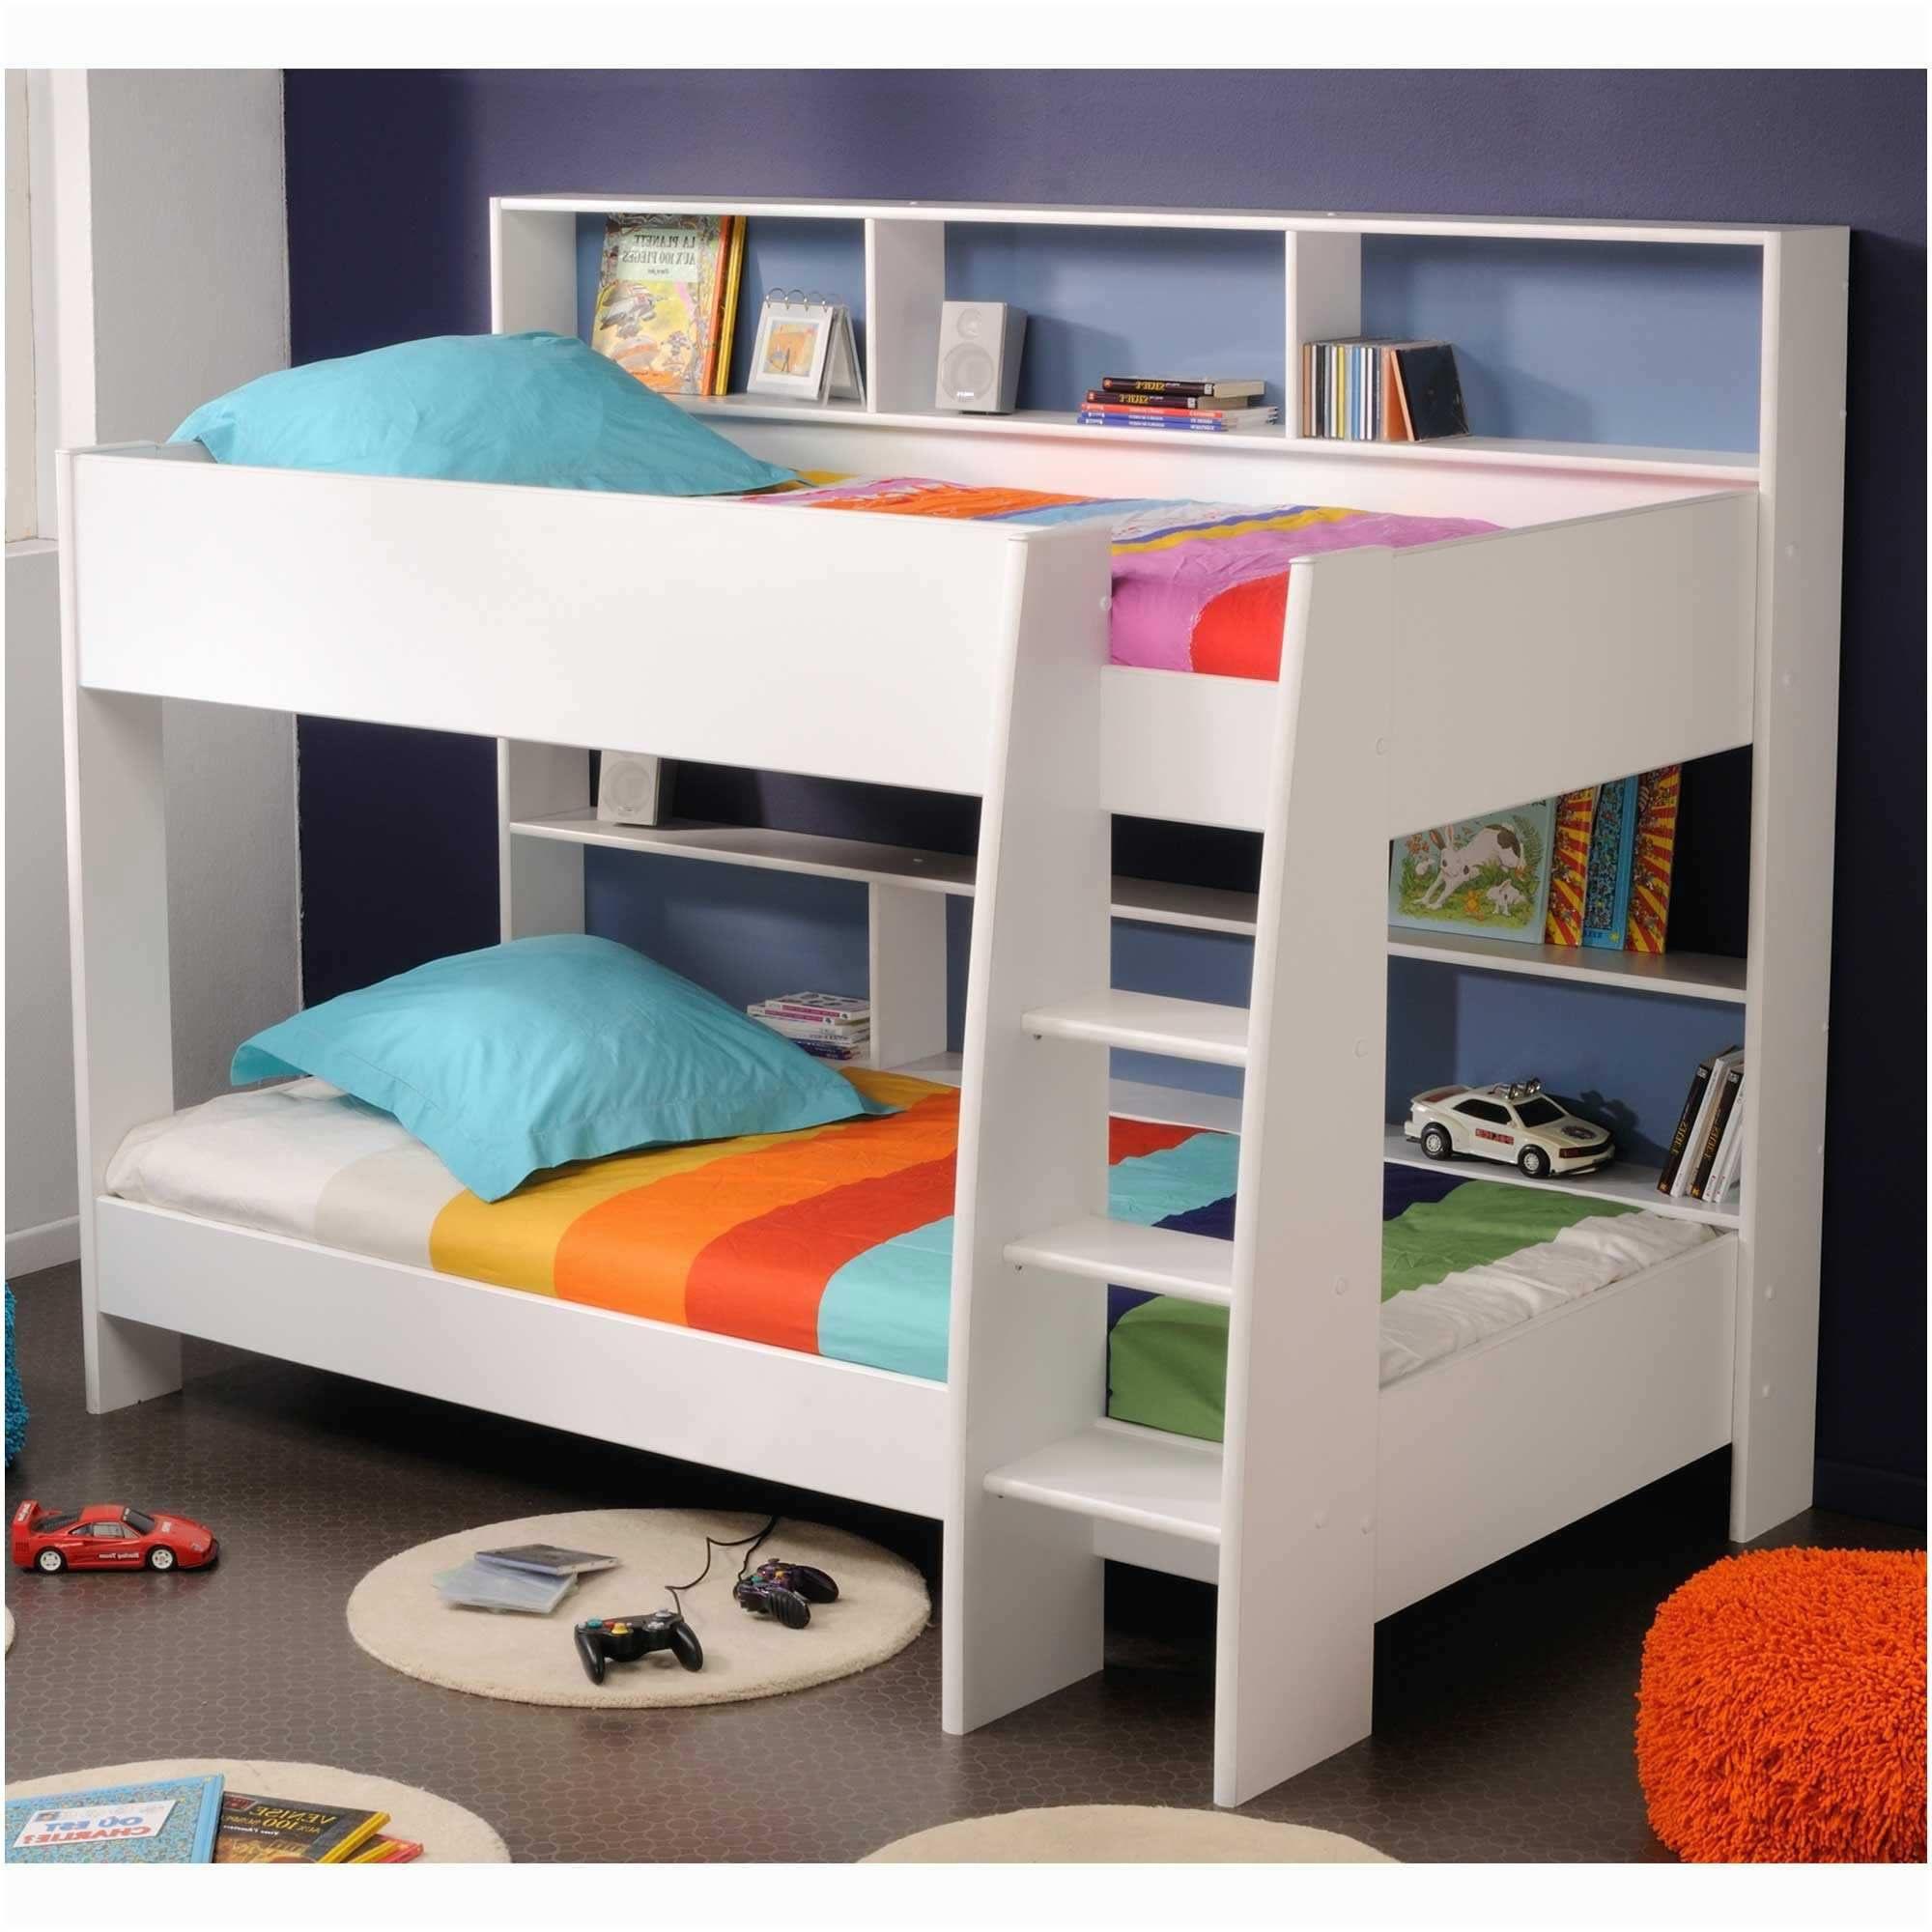 Lit Superposé Adulte Ikea Meilleur De 29 Collection De Briliant Lit Superposé Avec Escalier Pas Cher De